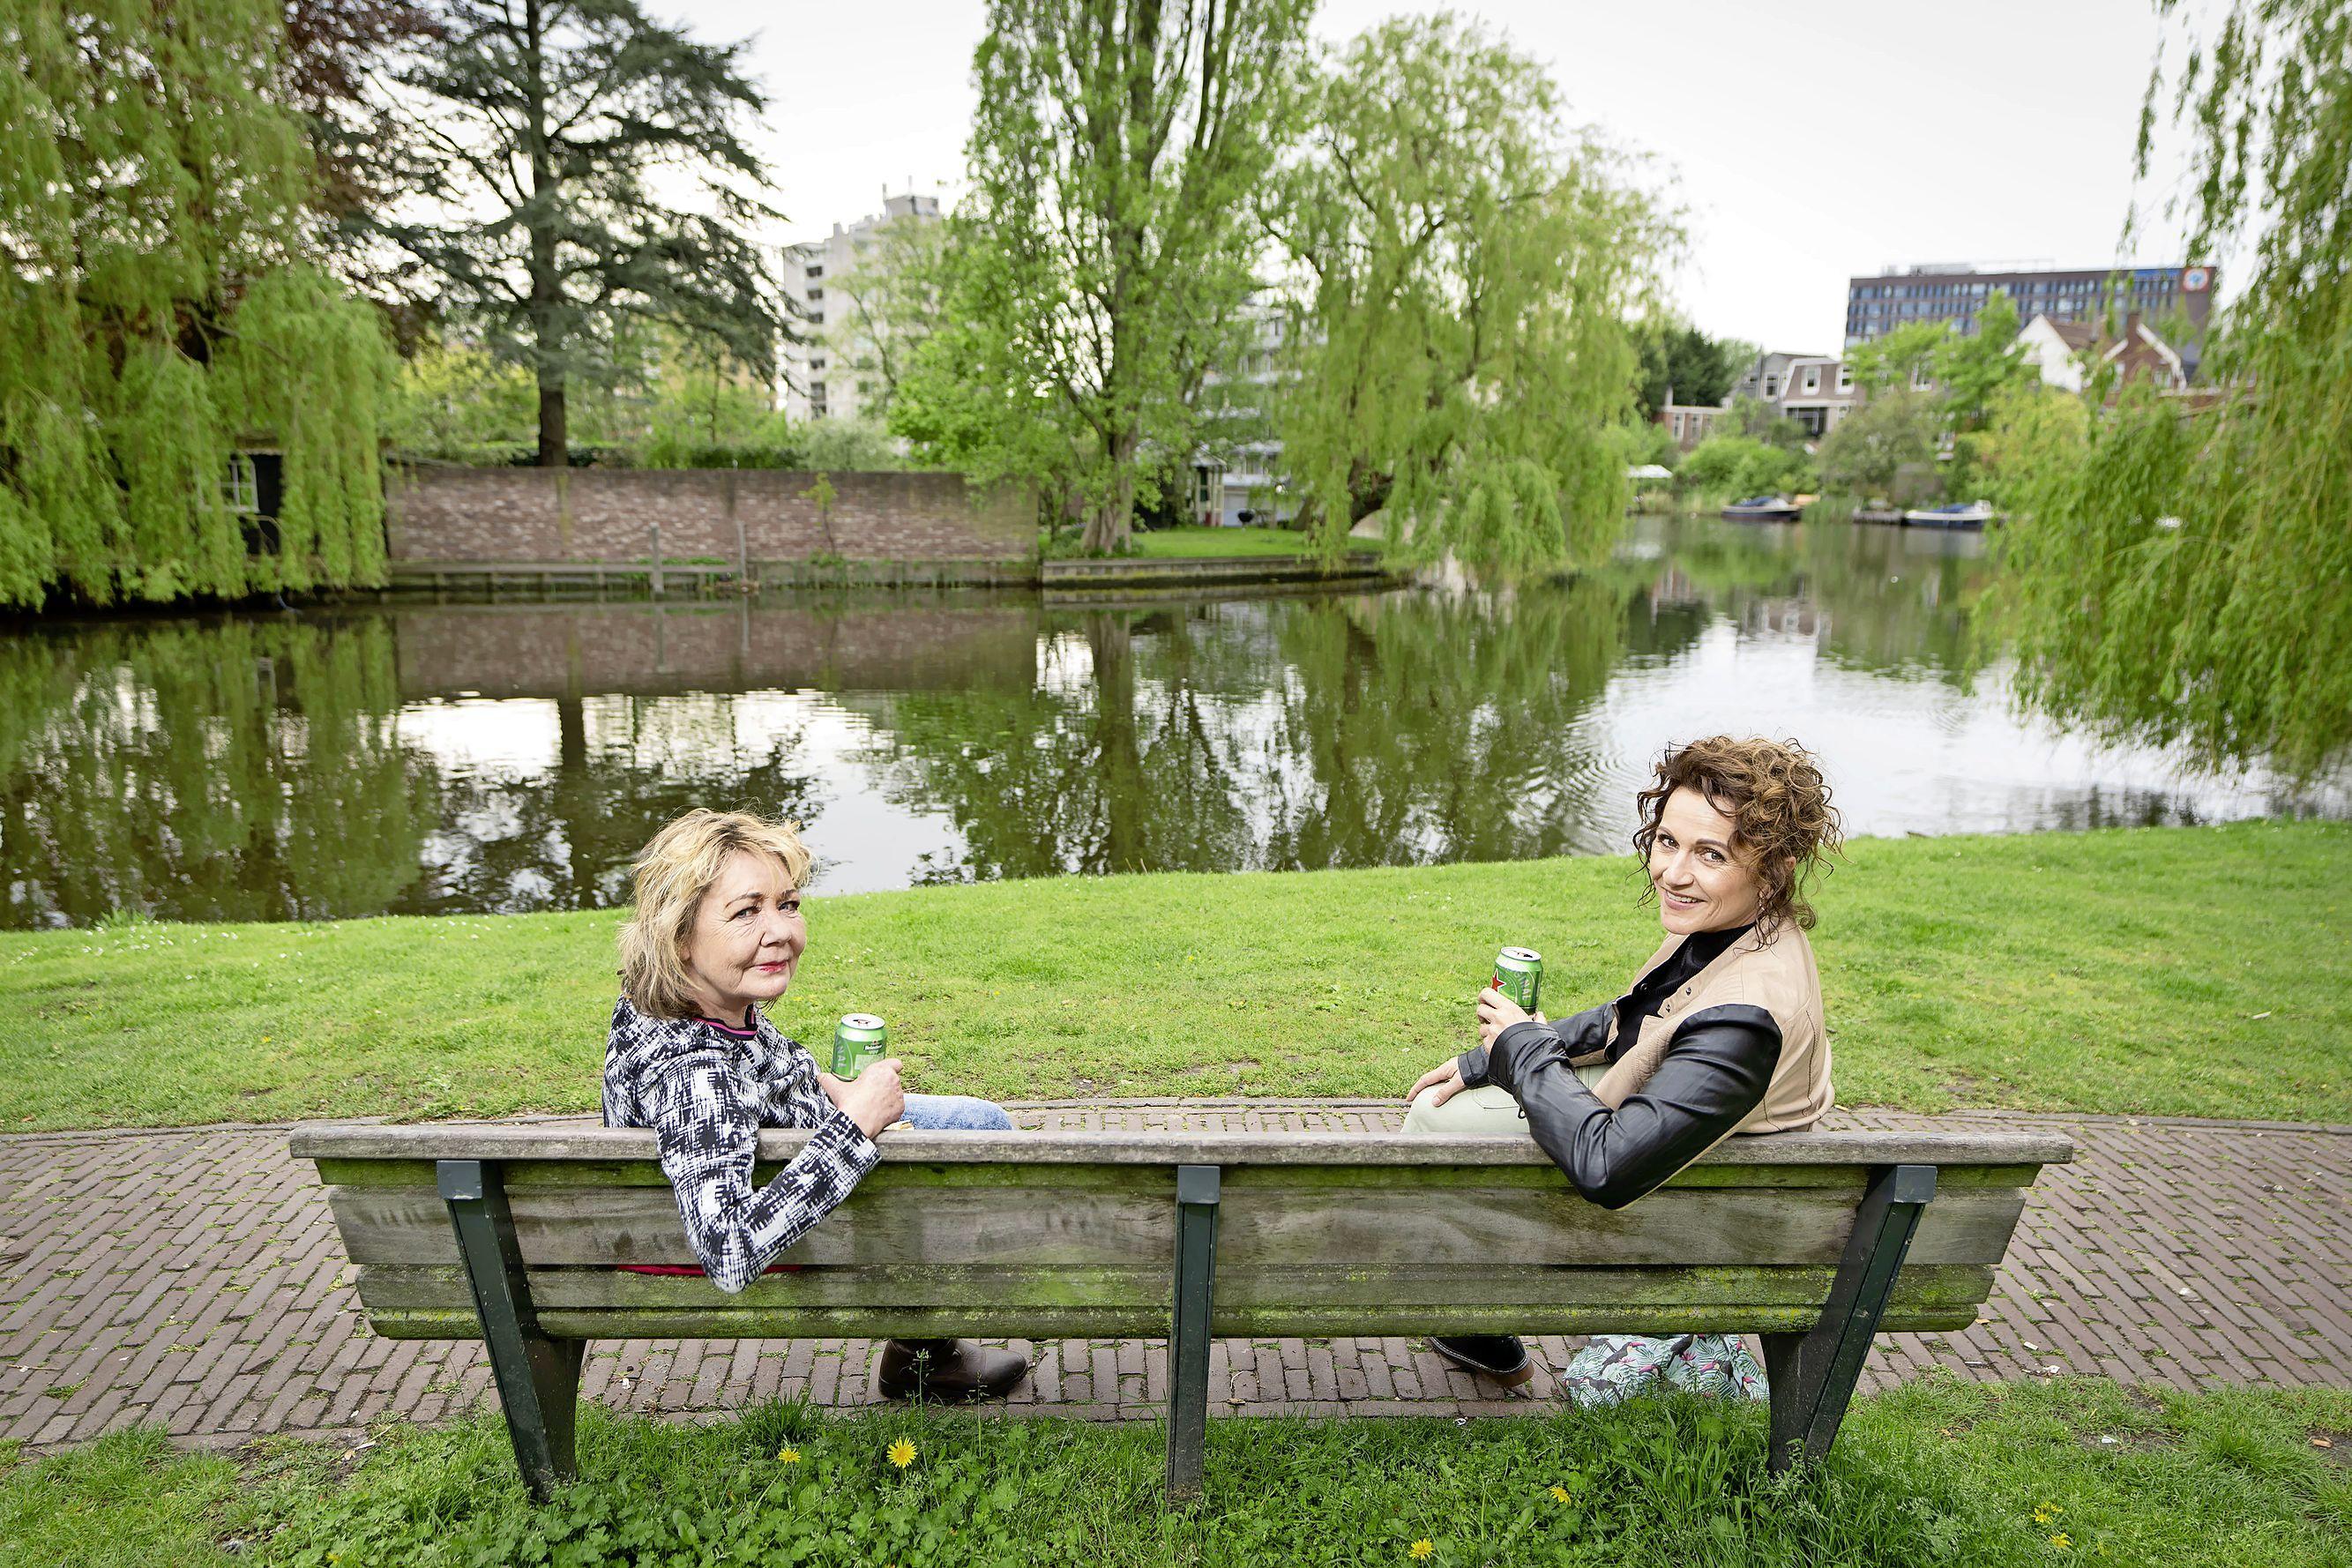 Handhaver maant twee vrouwen in Rembrandtpark hun biertje weg te gooien